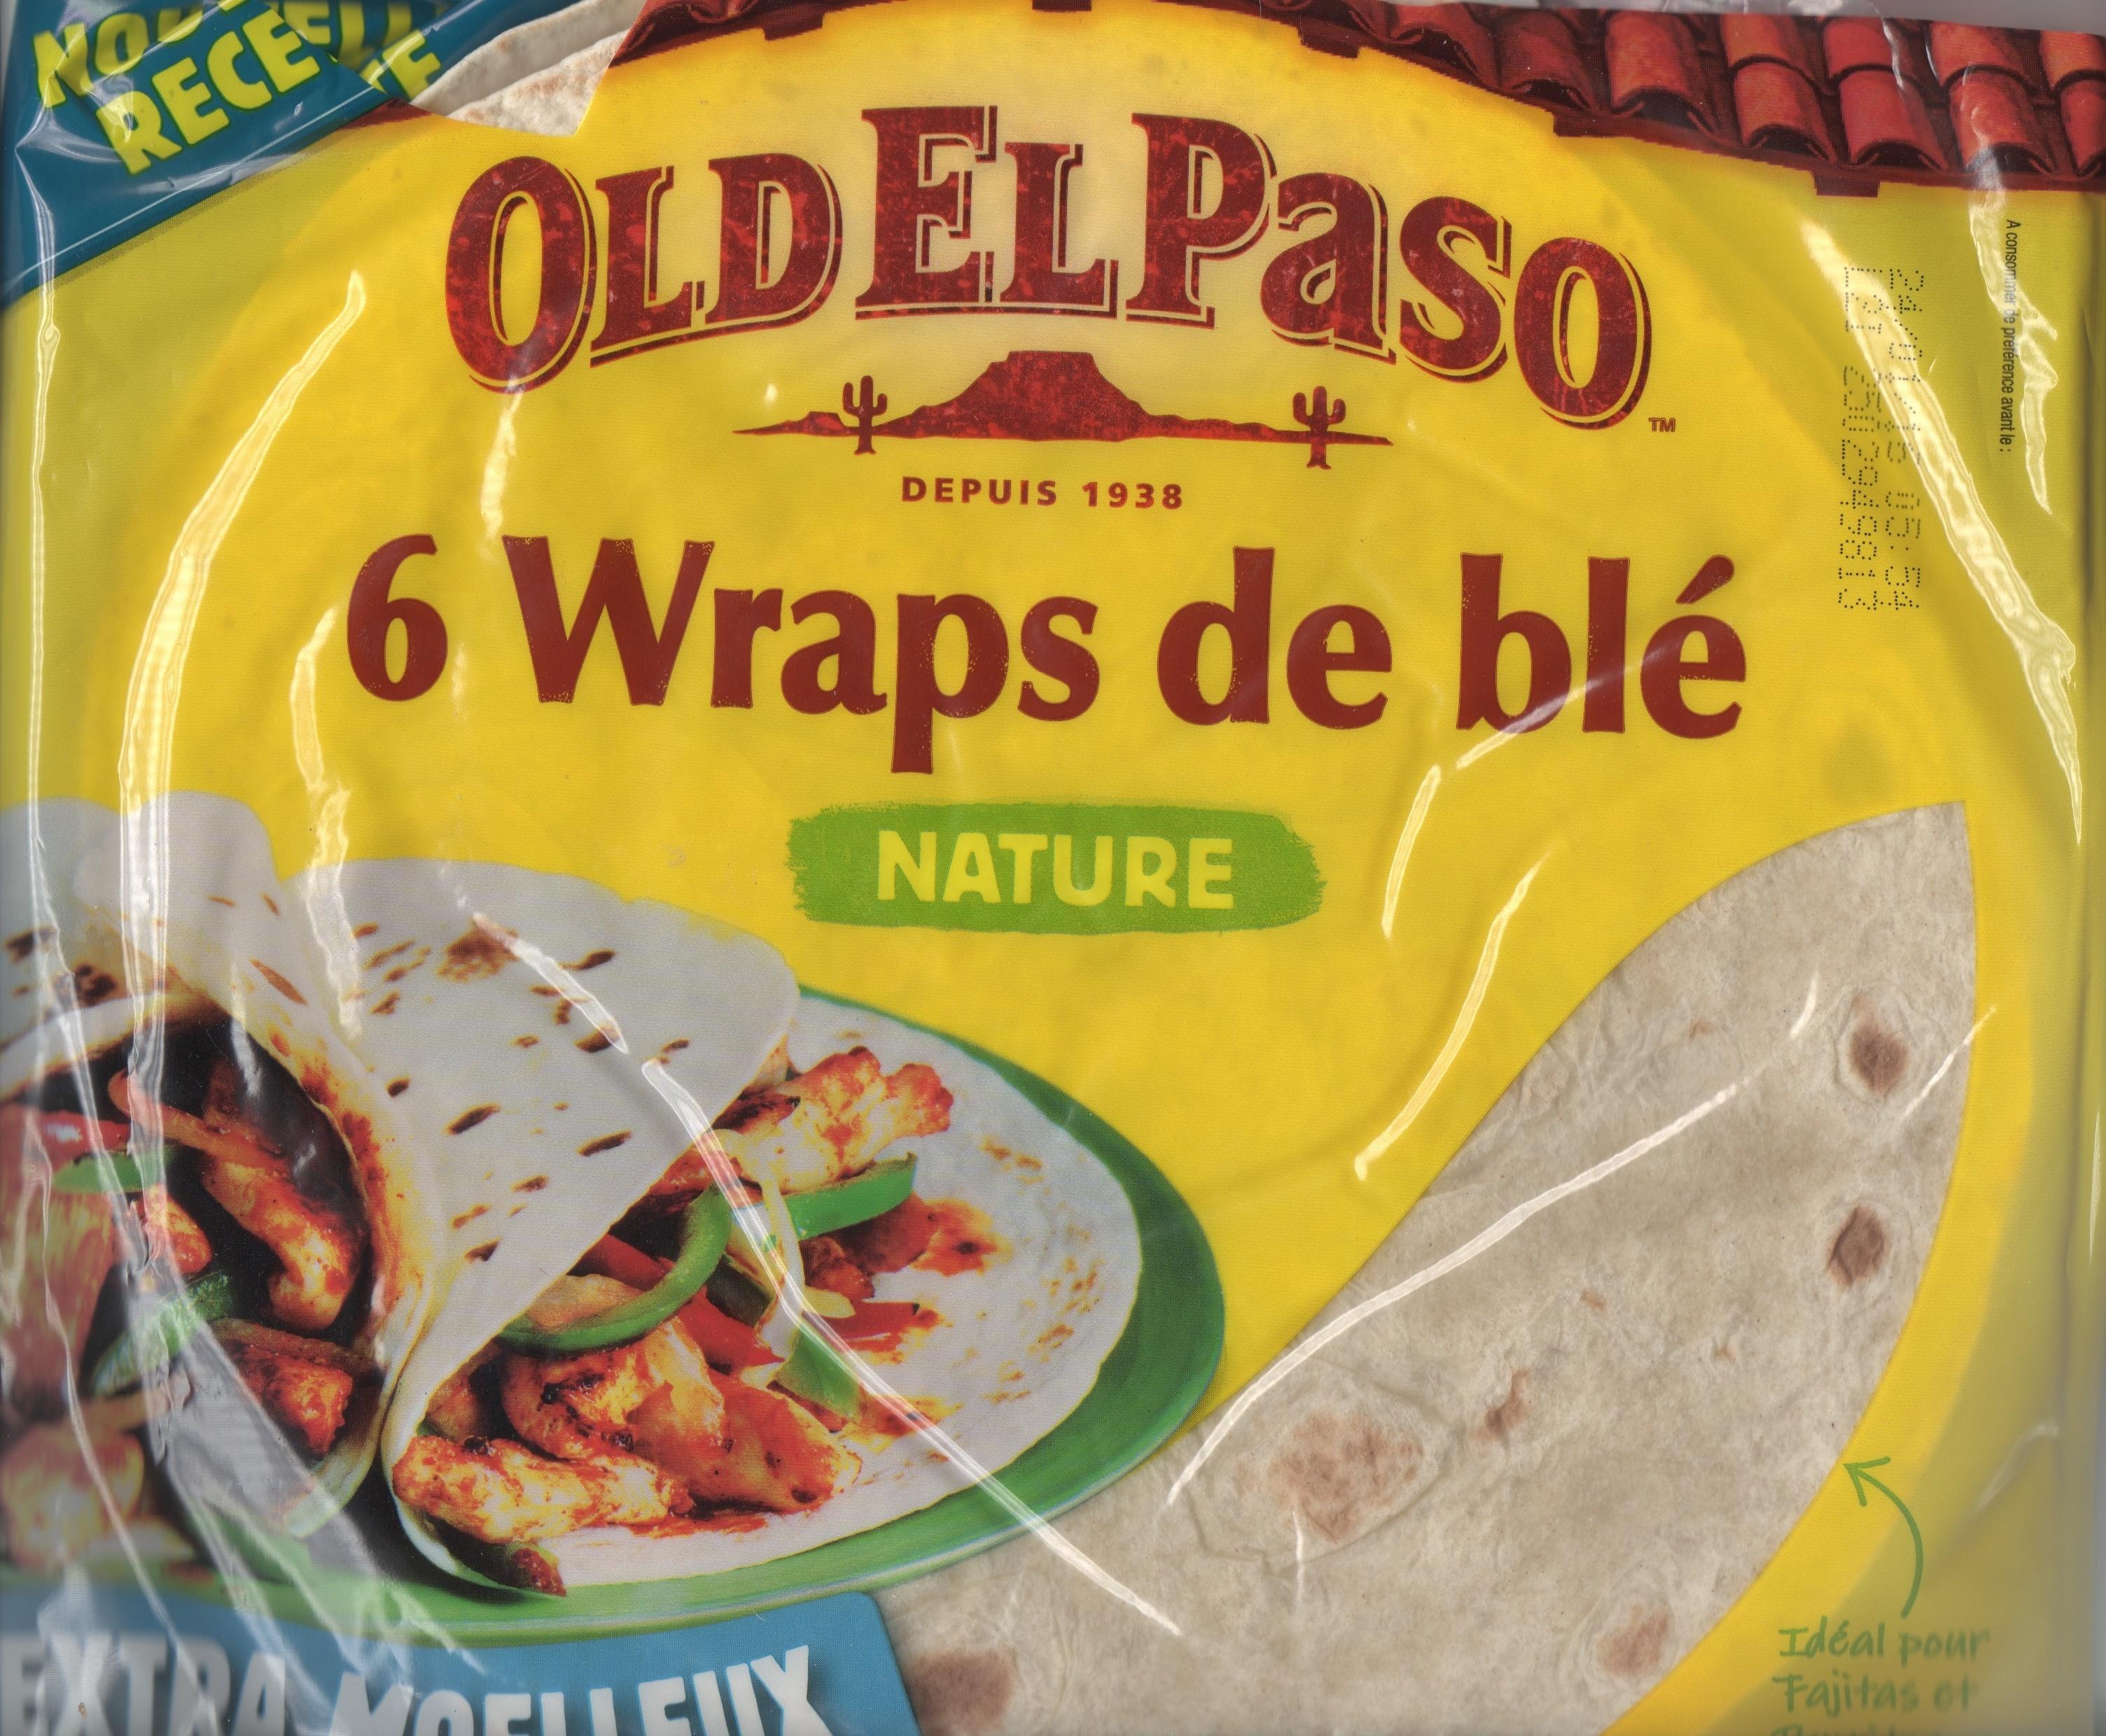 6 wraps de blé nature - Produit - fr